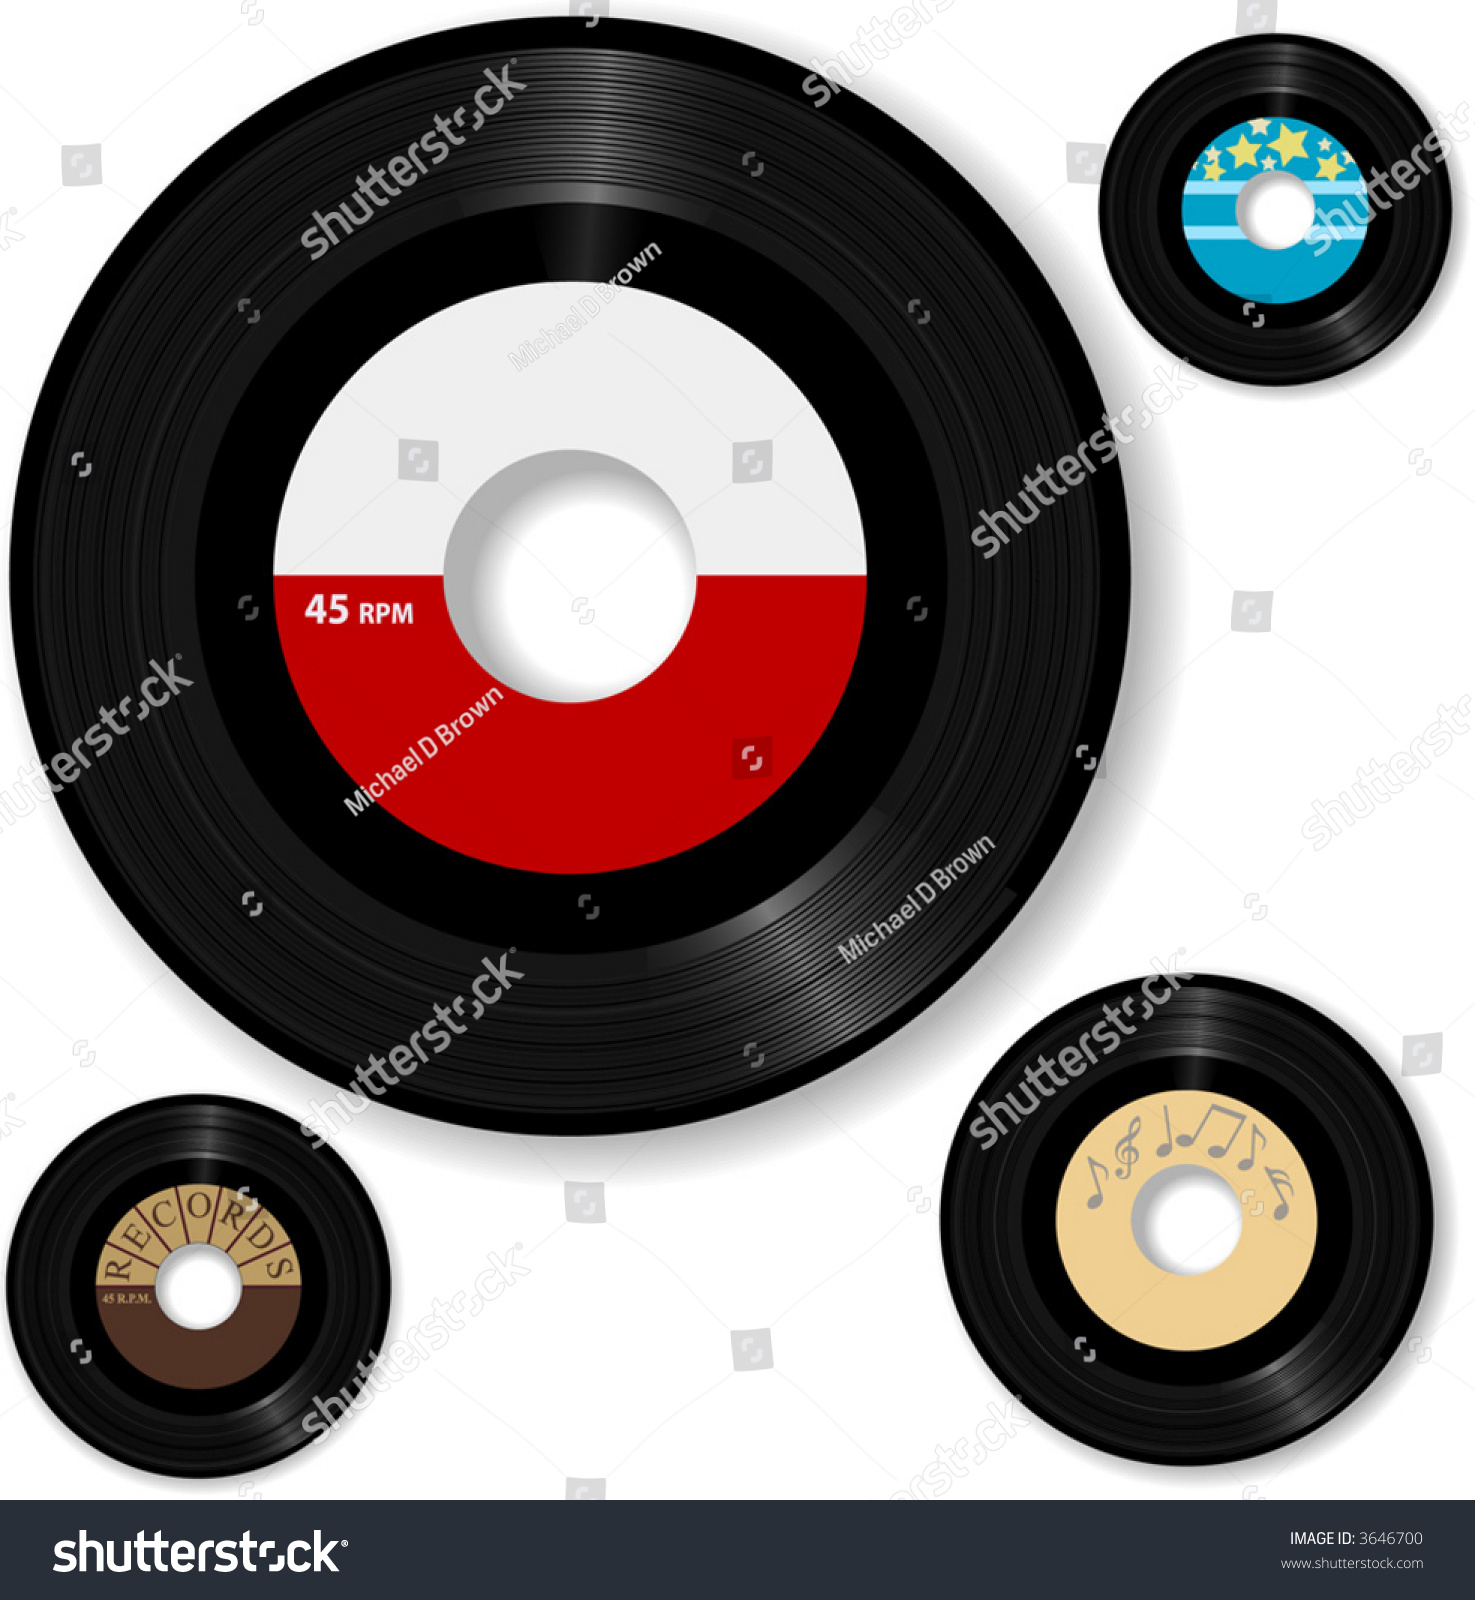 Retro 45 Rpm Record Sample Designs Stock Vector 3646700